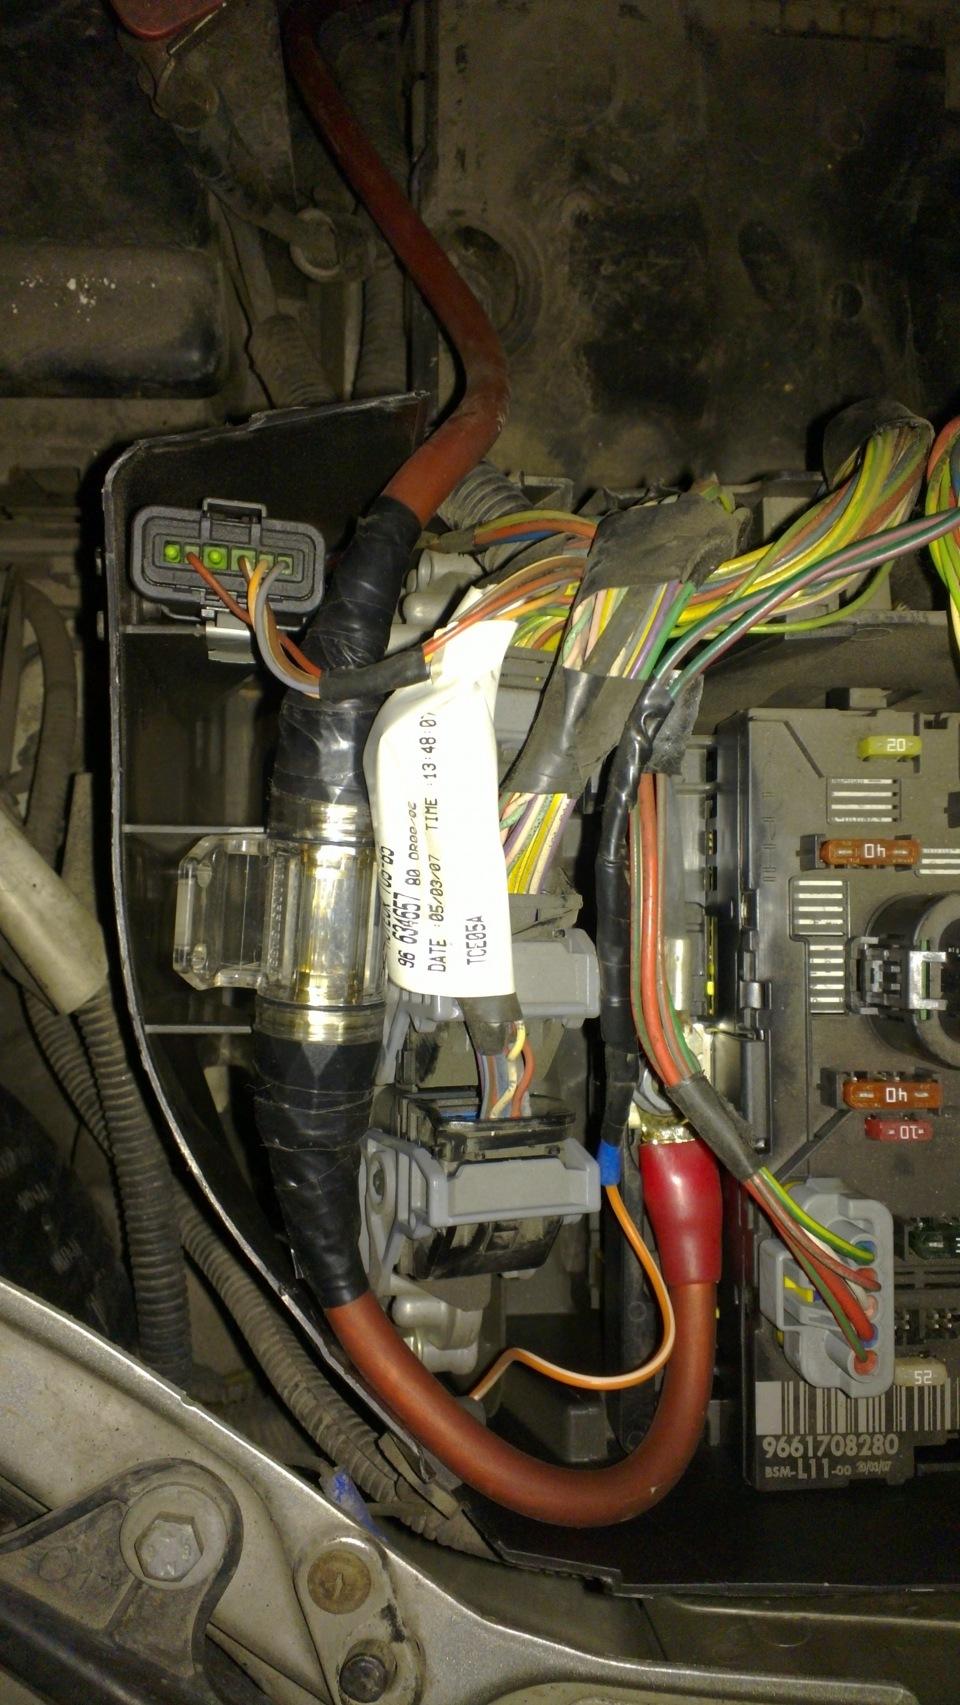 где проложить плюсовой кабель сабвуфера peugeot 206